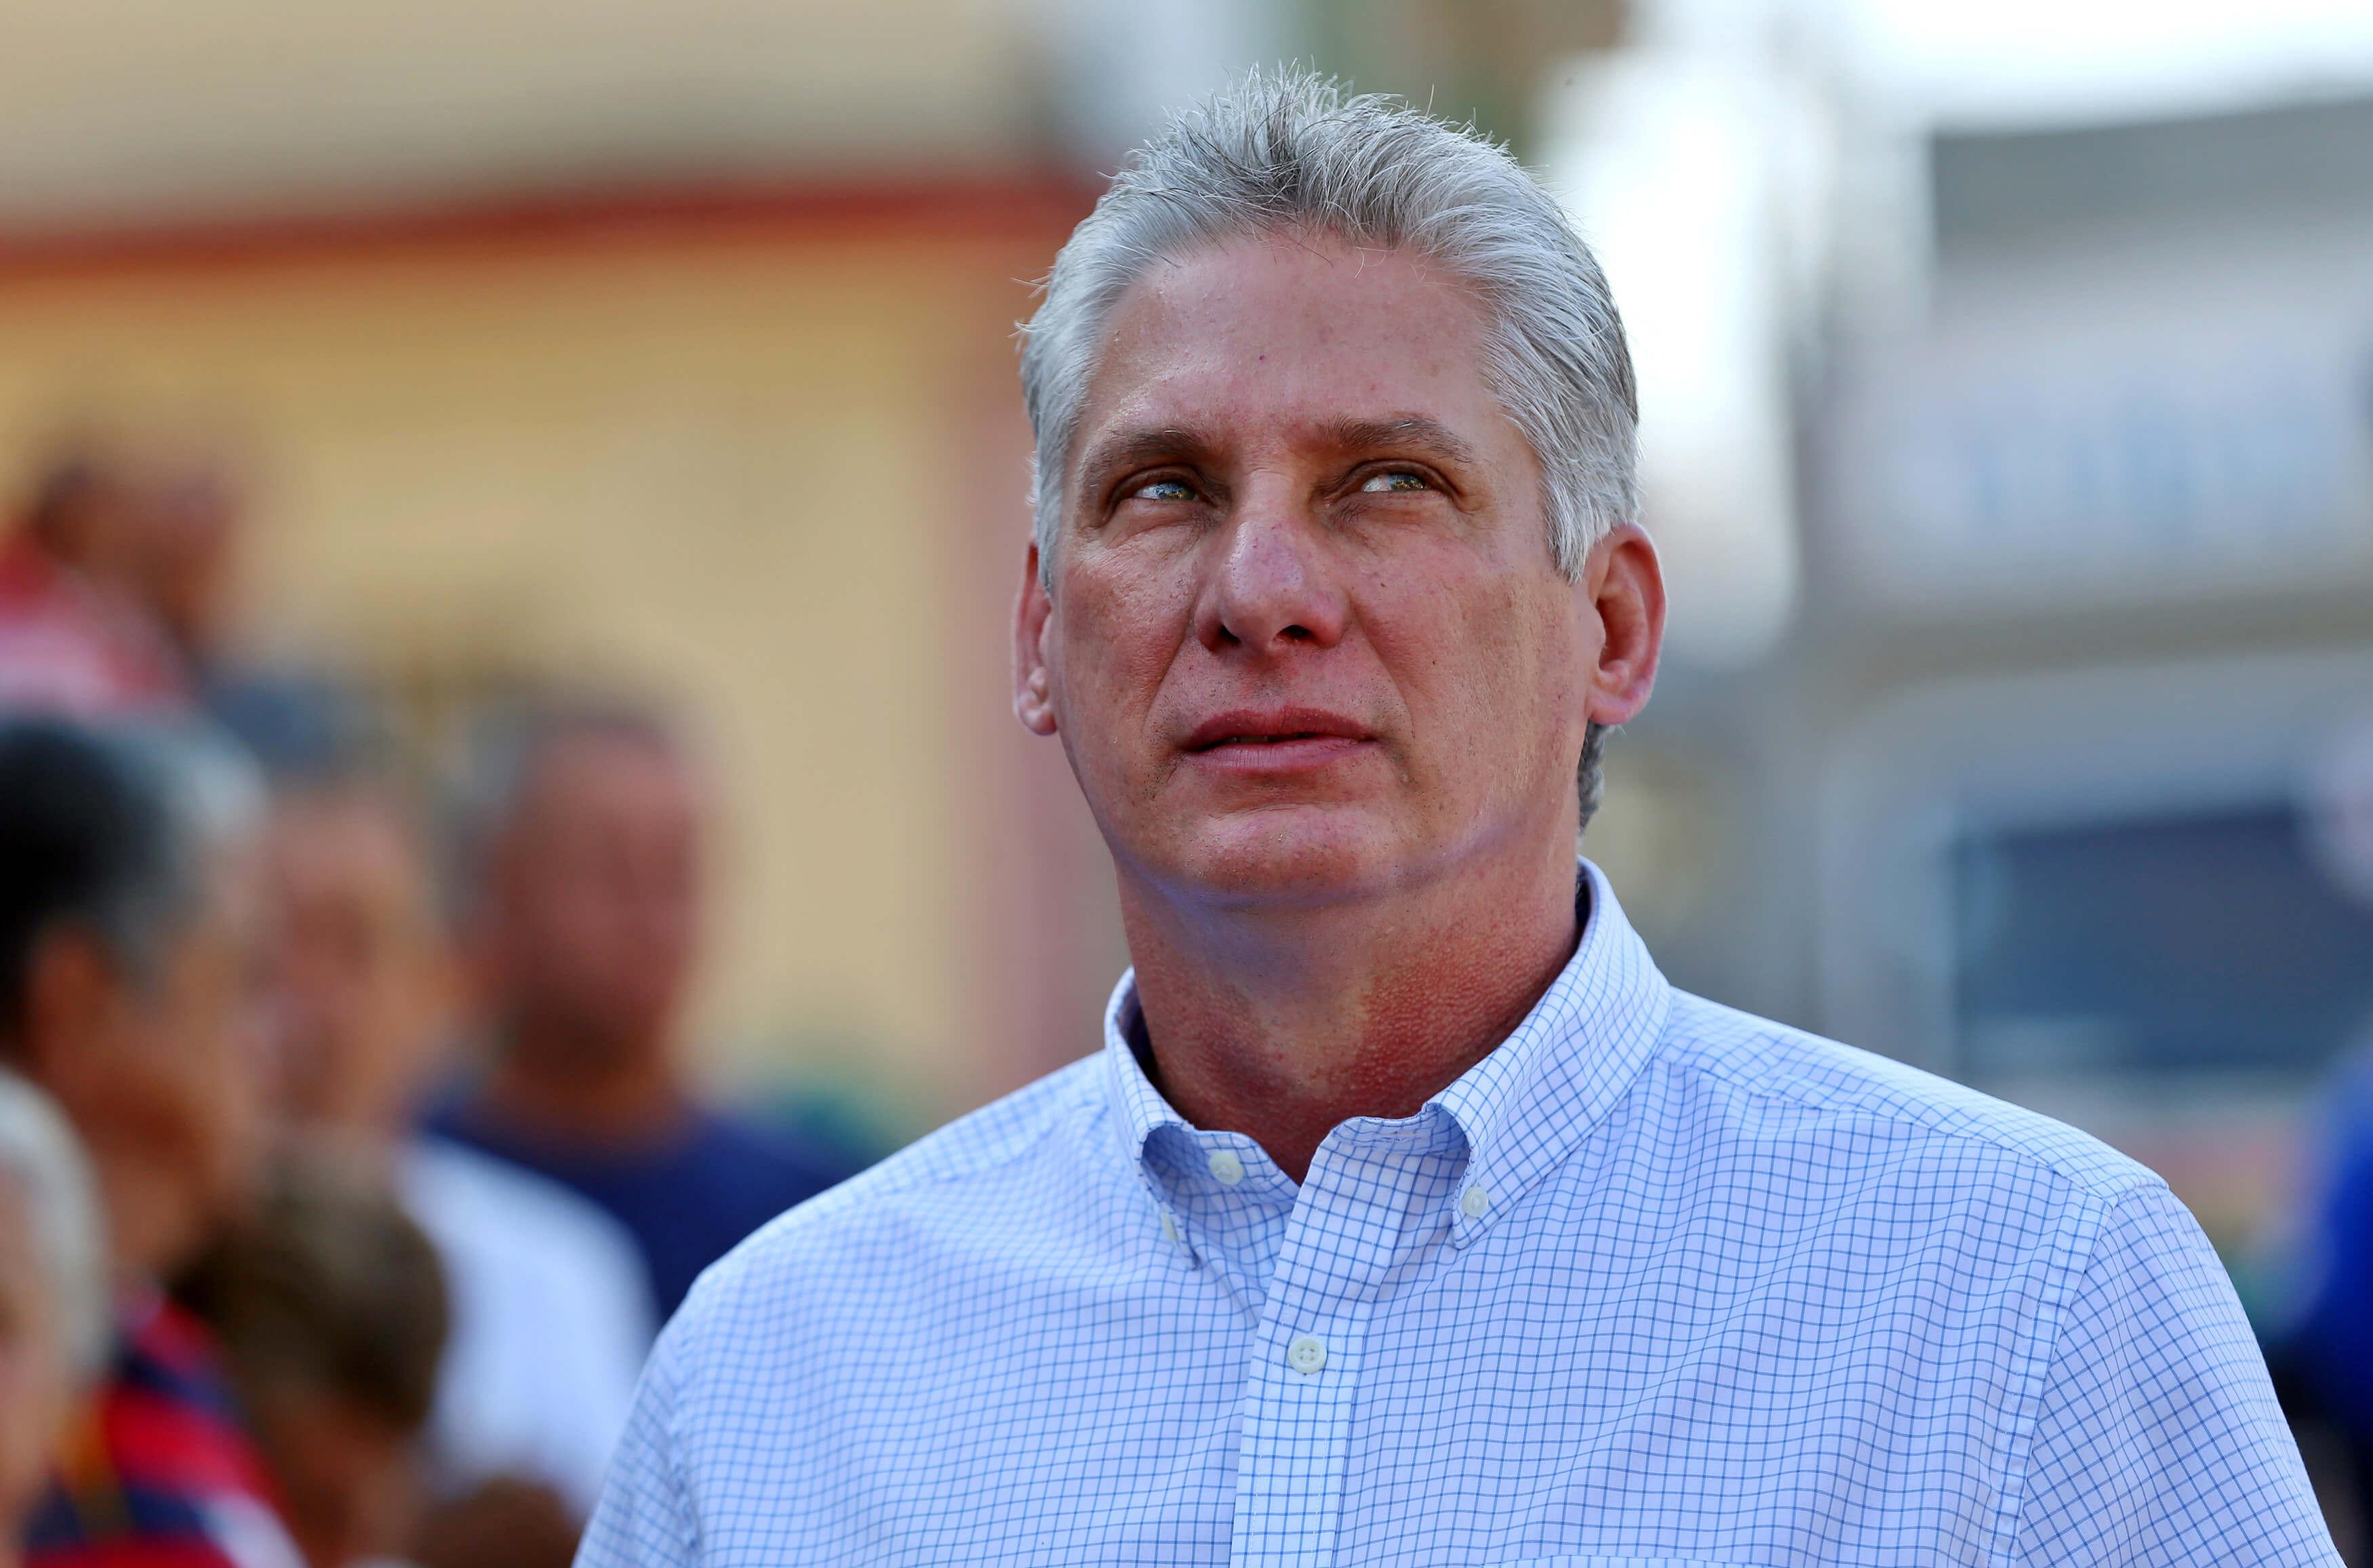 el-es-miguel-diaz-canel-nuevo-presidente-cuba